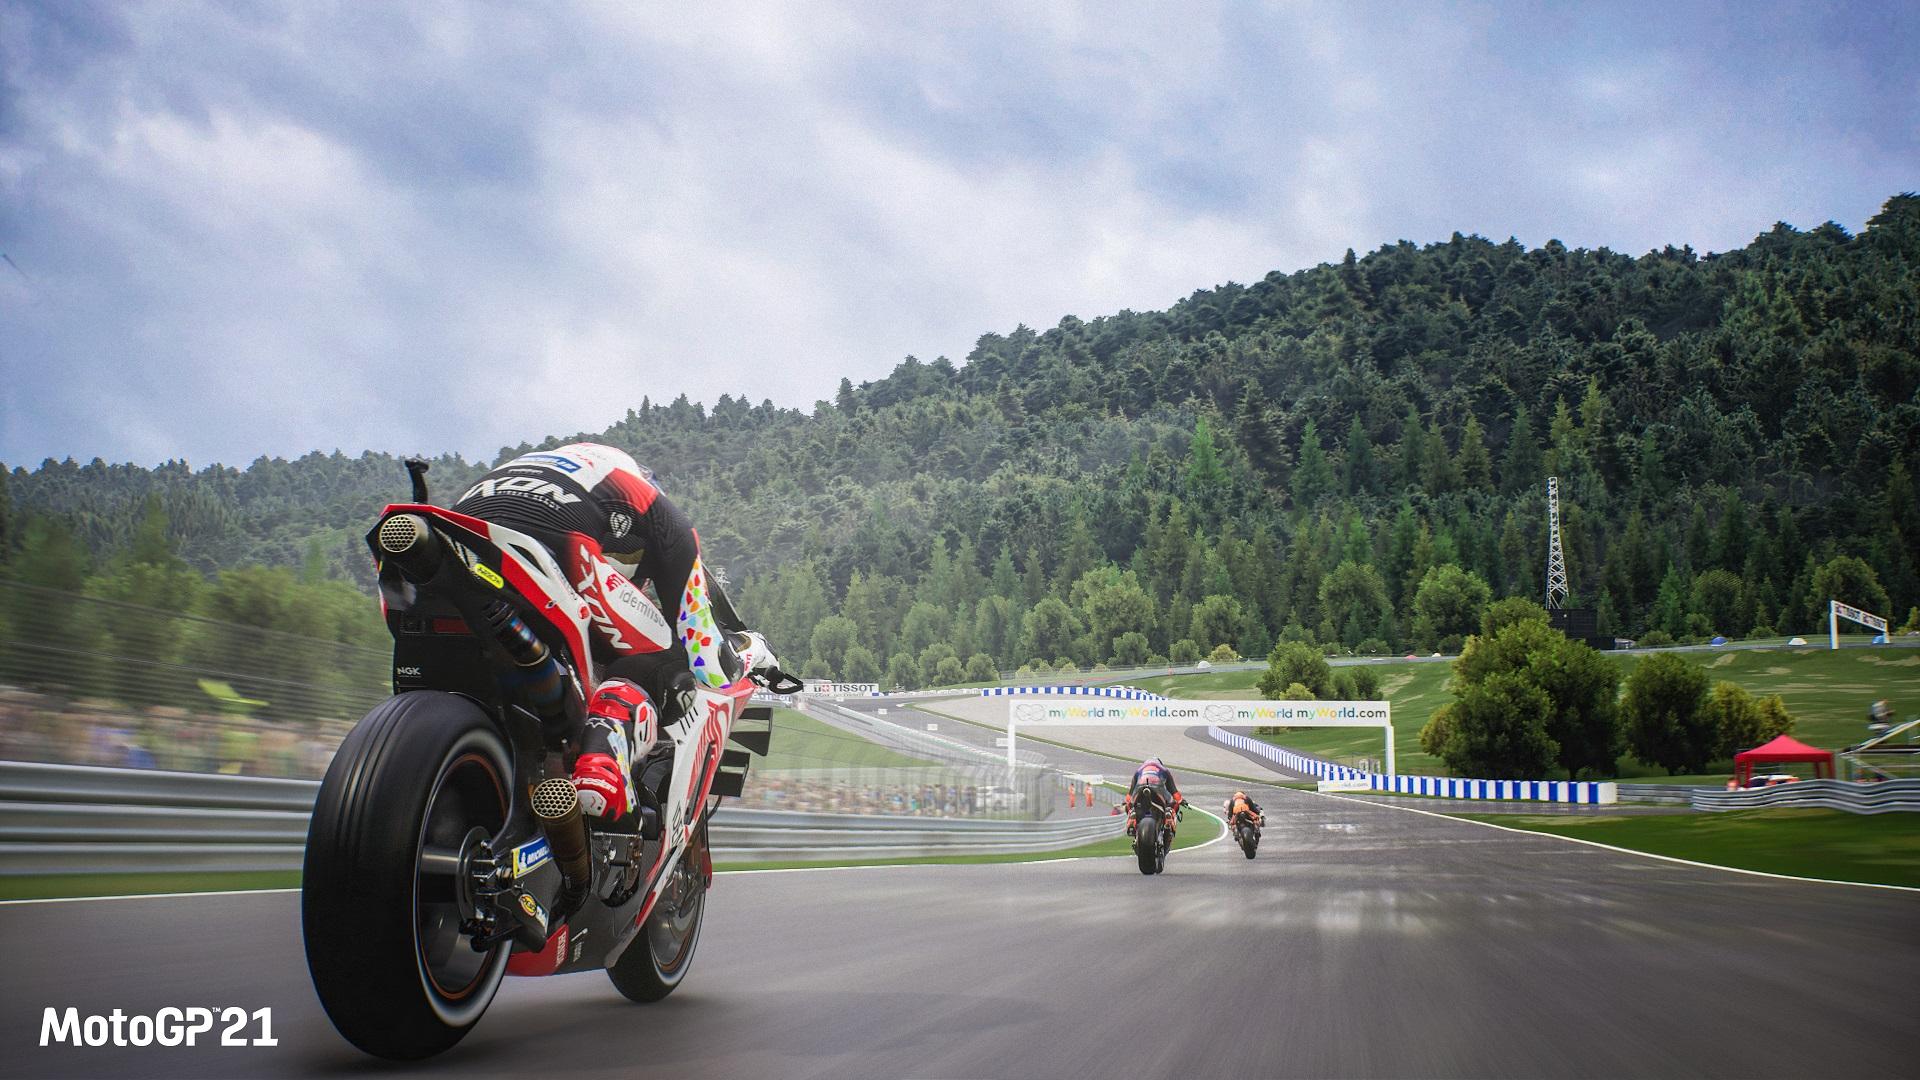 """A Milestone compartilhou um novo gameplay de MotoGP 21 no """"Autódromo Internacional do Algarve"""" em Portimão, Portugal."""